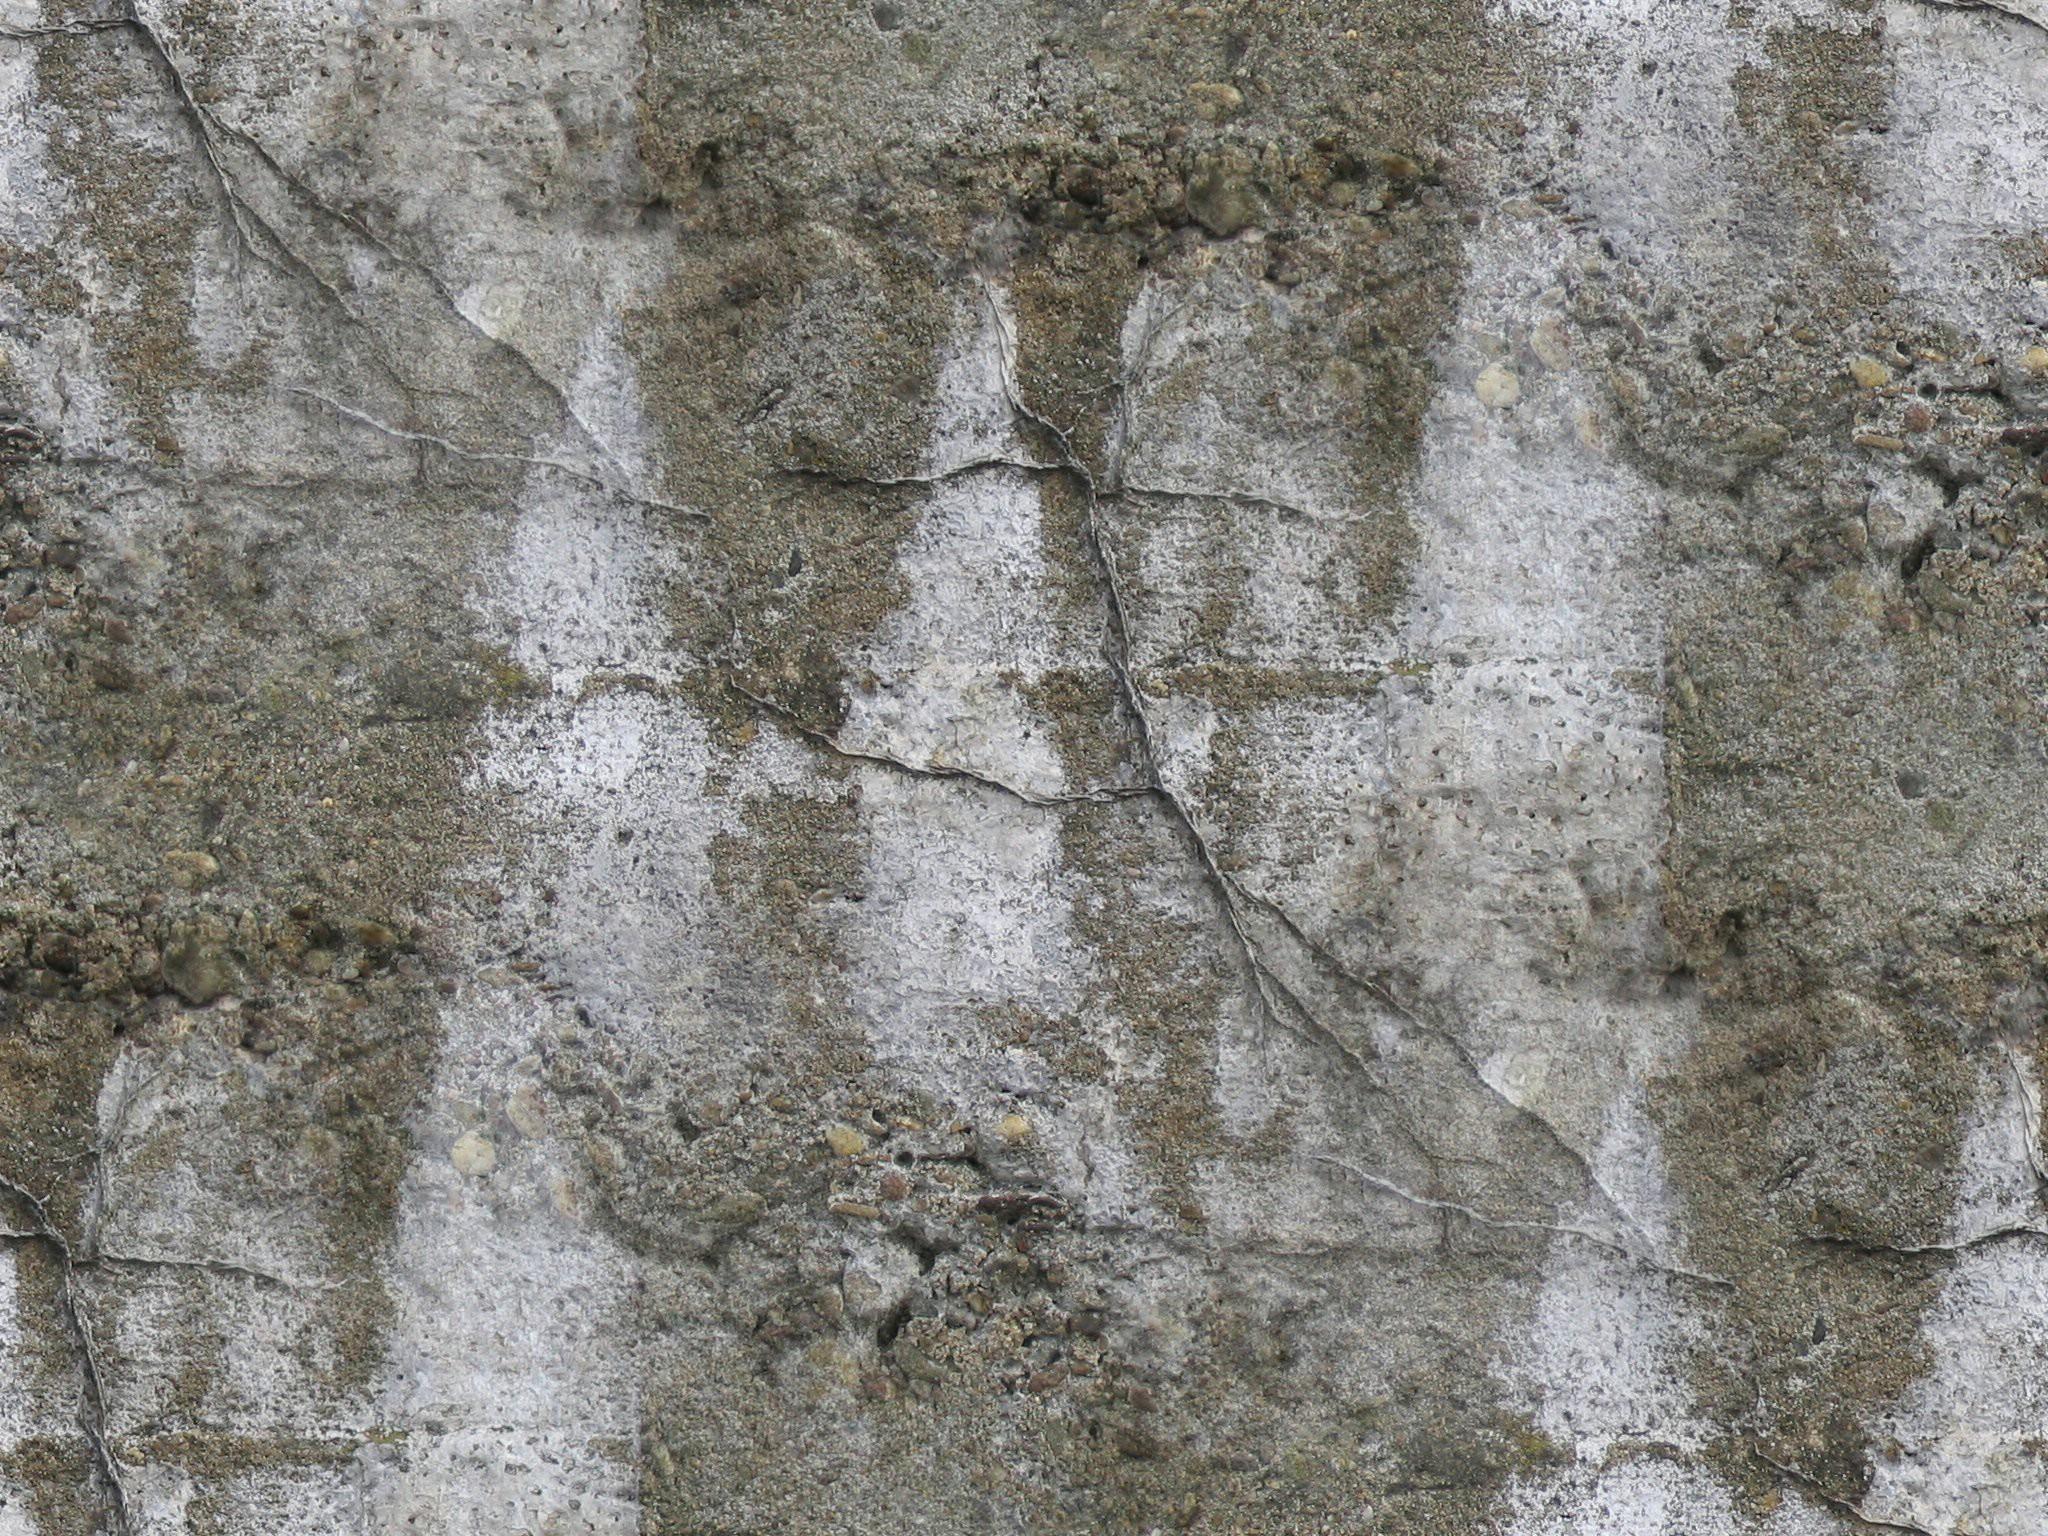 Текстура старого бетона известковый раствор или цементный